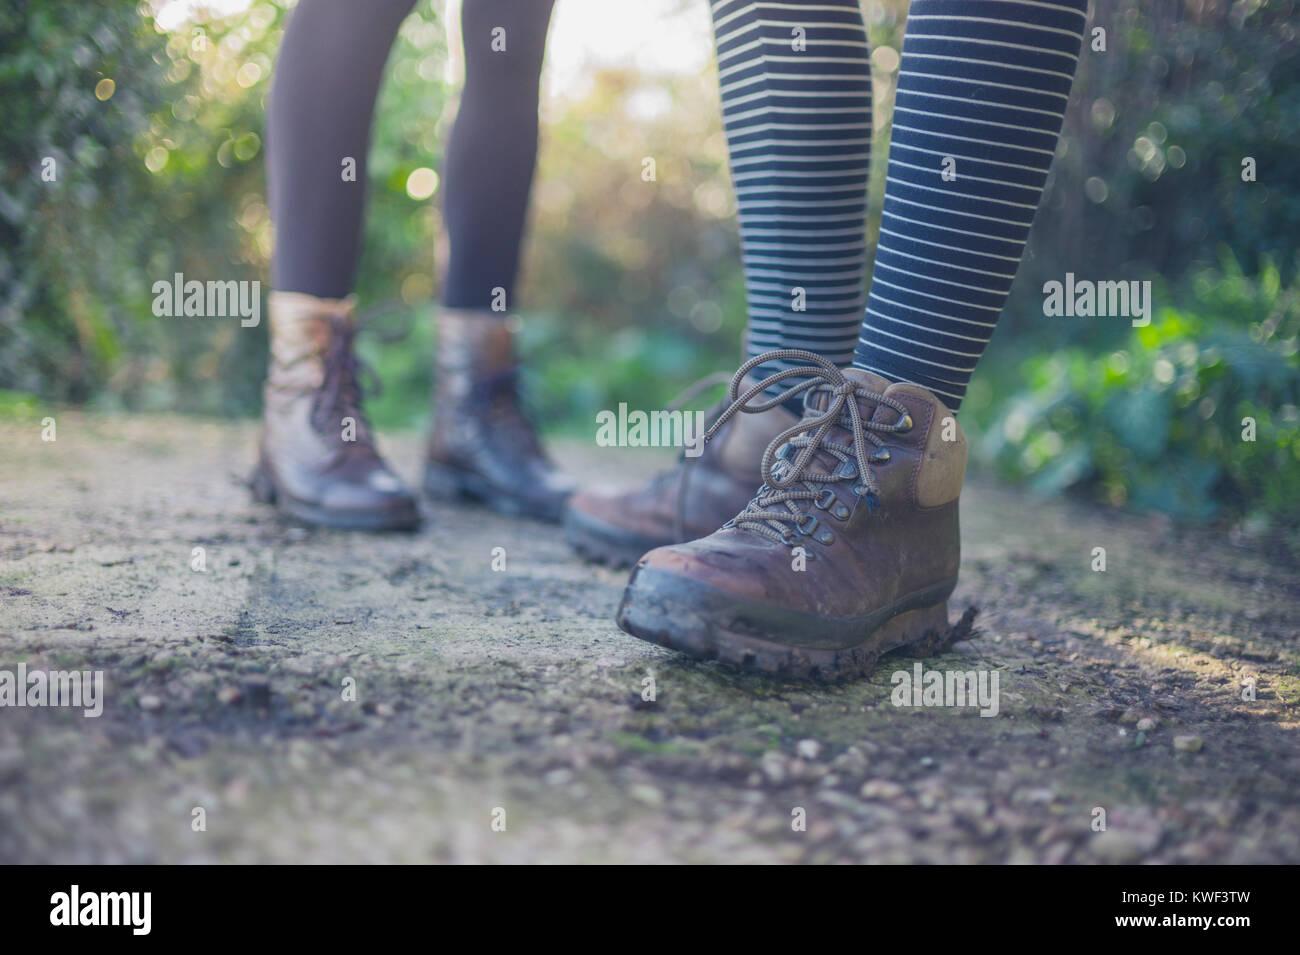 Les chaussures et les pieds de deux jeunes femmes à l'extérieur dans la nature Photo Stock